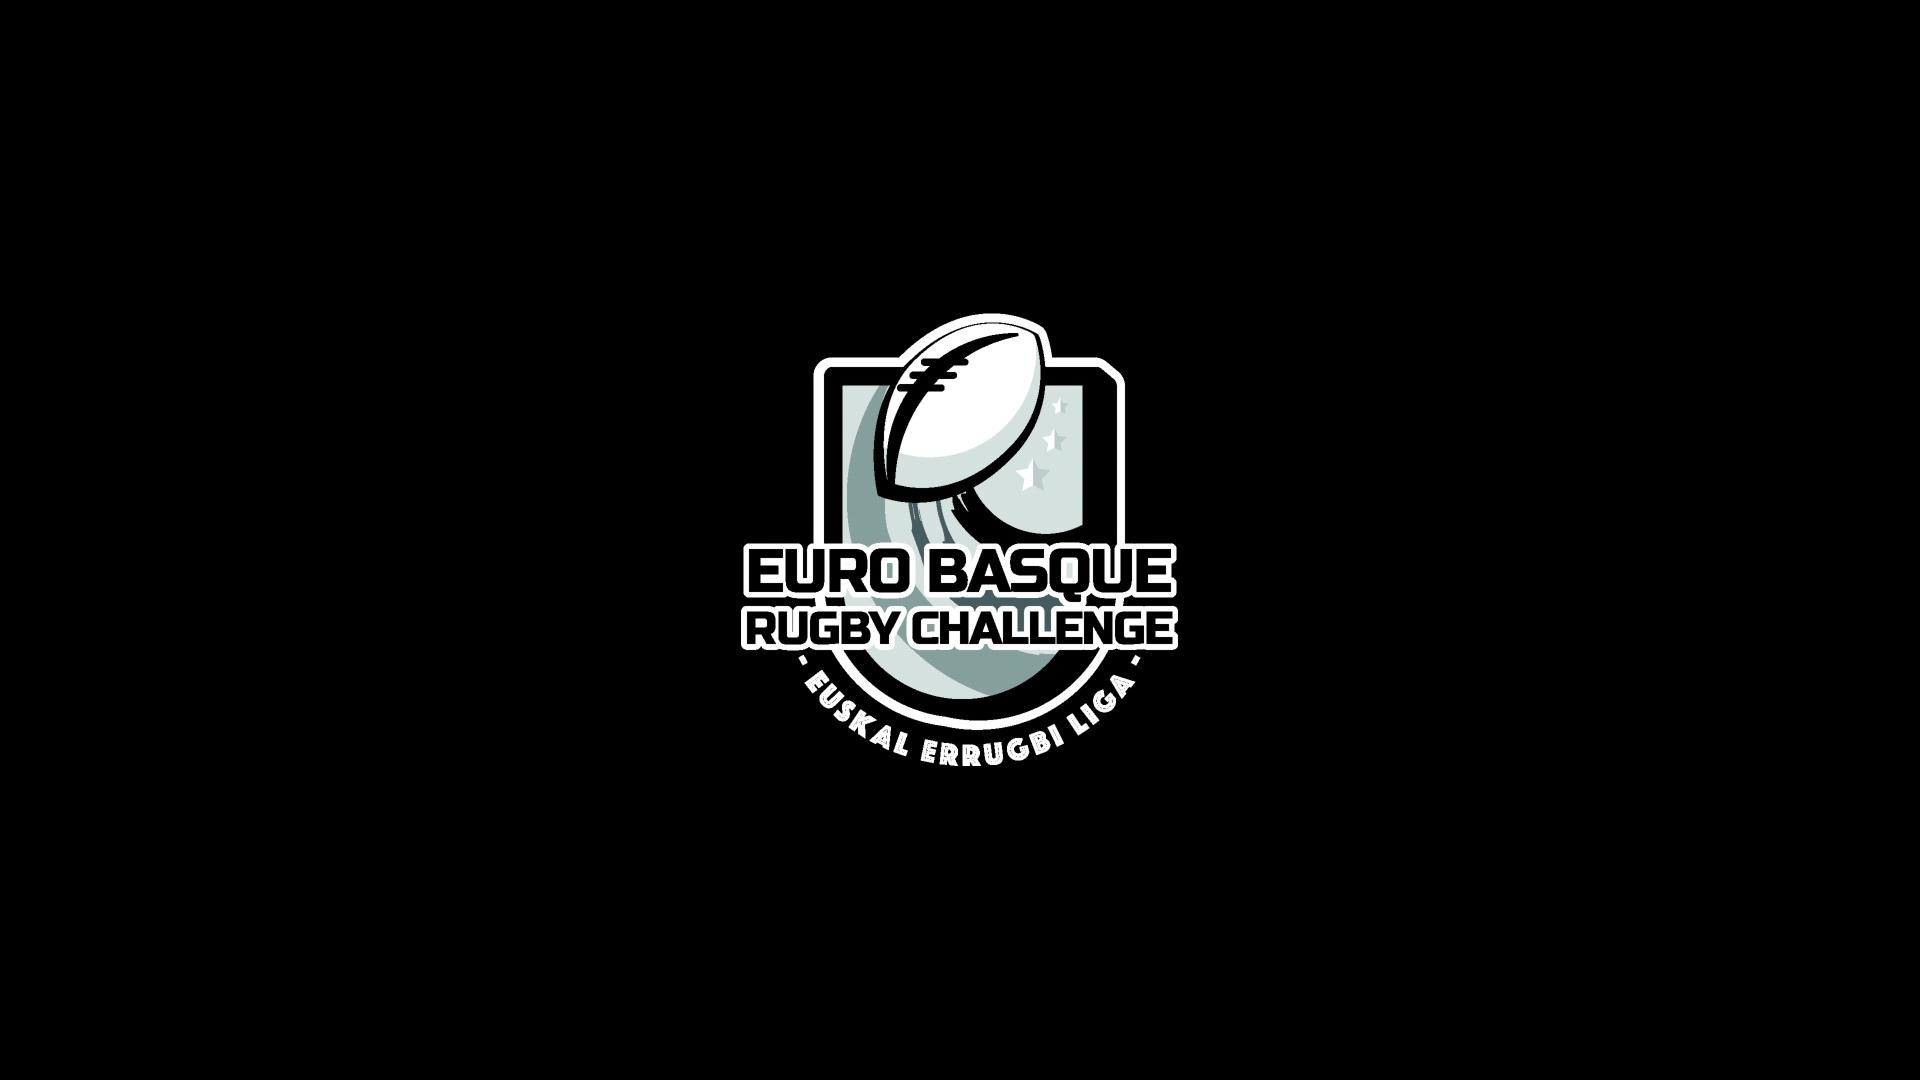 Euro Basque Rugby Challenge (EBRC) – Euskal Errugbi Liga: Mugaz gaindi